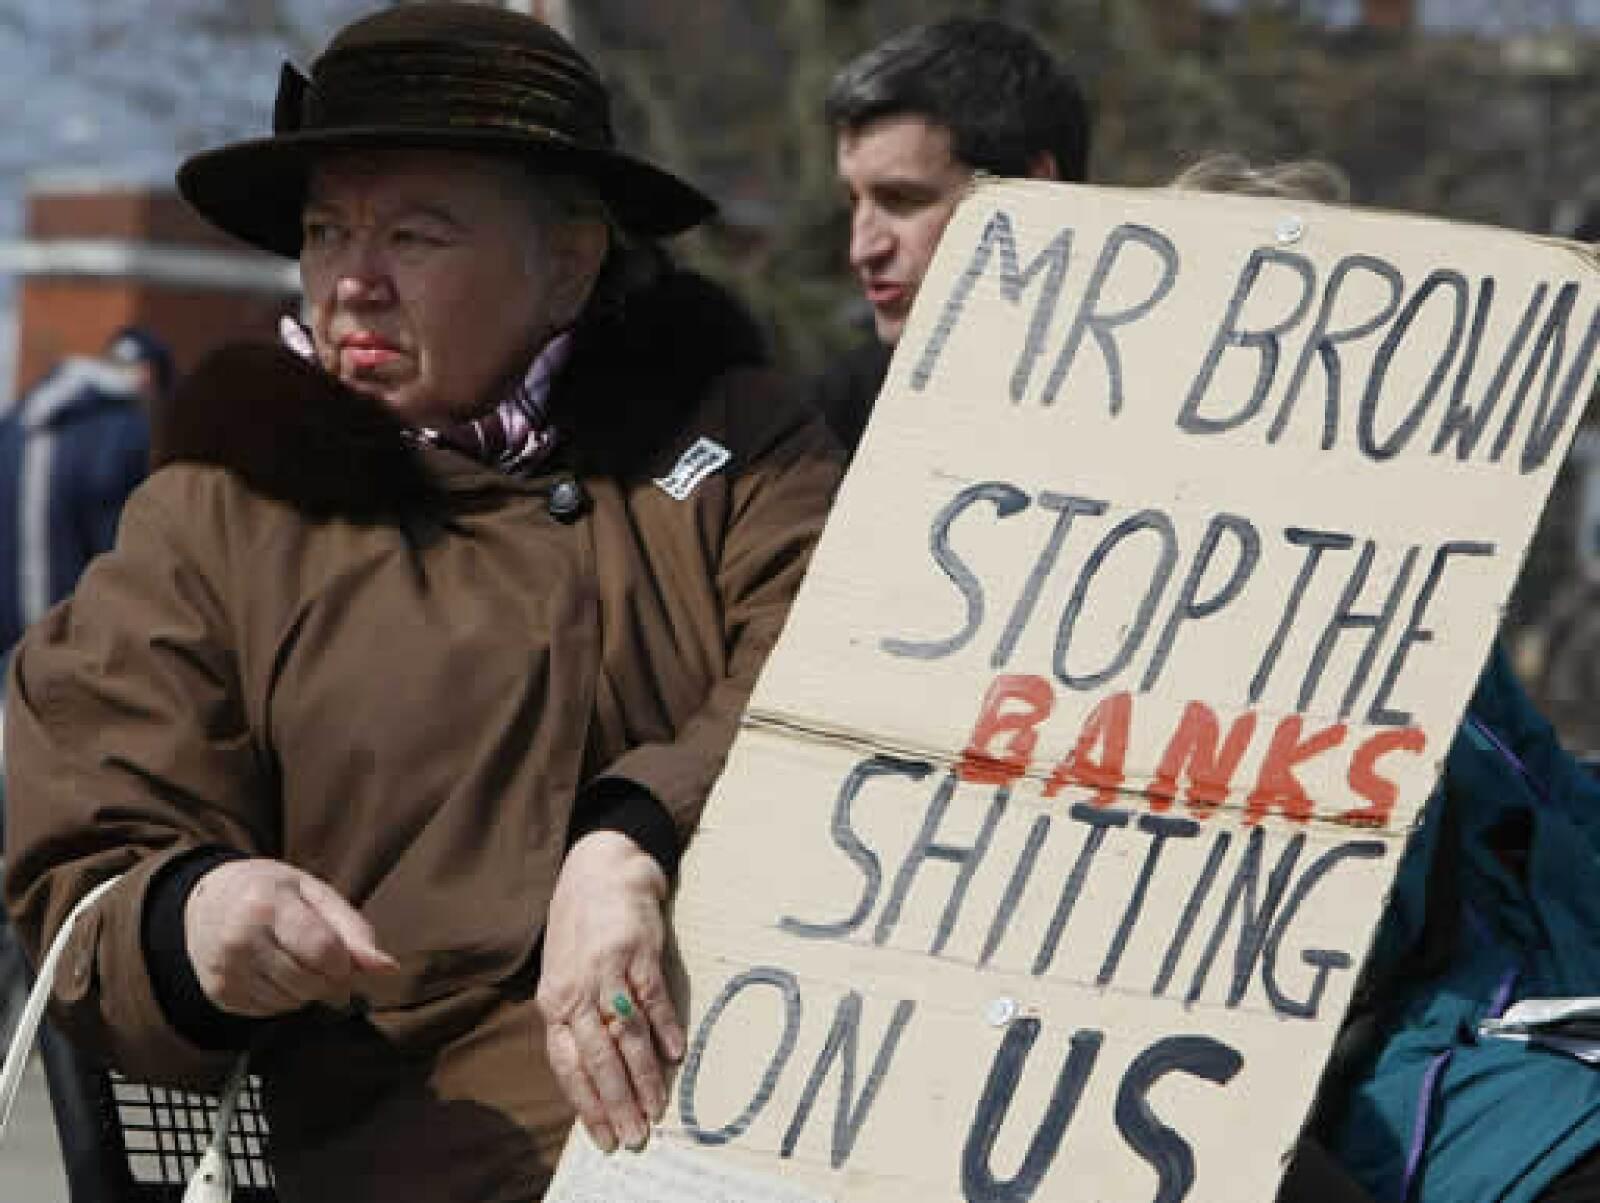 Las calles de Londres han sido afectadas por las manifestaciones en contra de la cumbre mundial y por los rescates que ha realizado el gobierno británico a los bancos en los últimos meses.